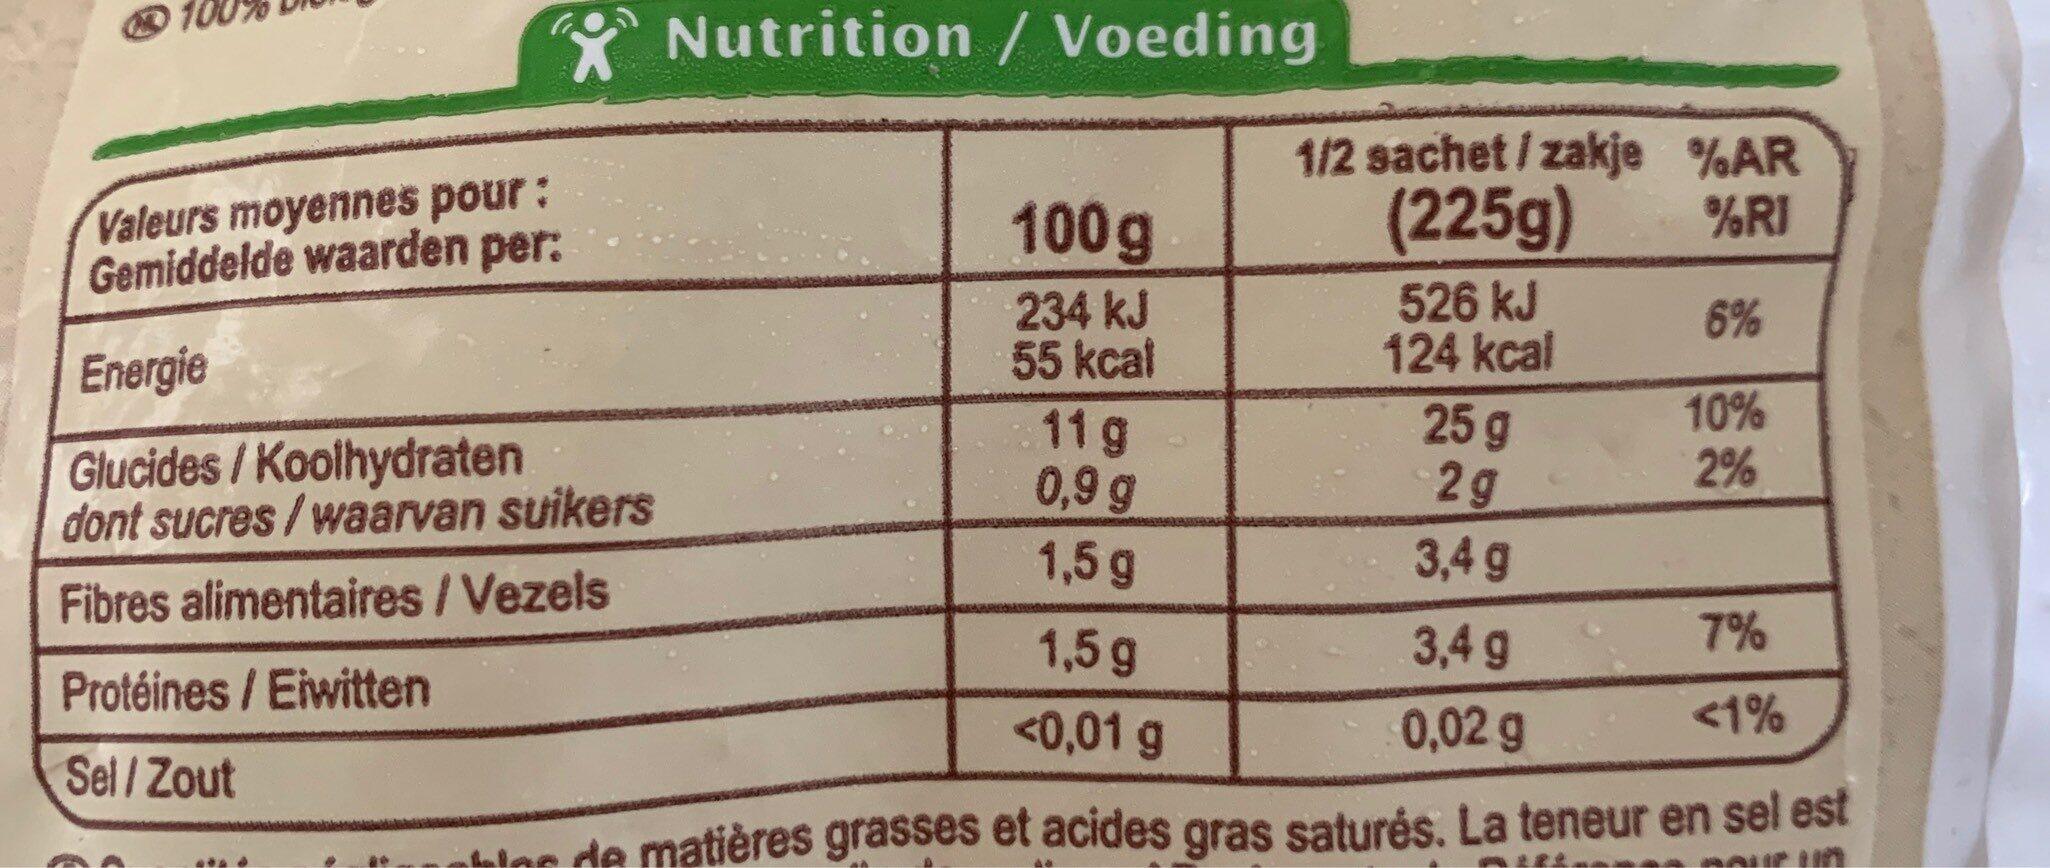 Purée de pommes de terre - Informations nutritionnelles - fr